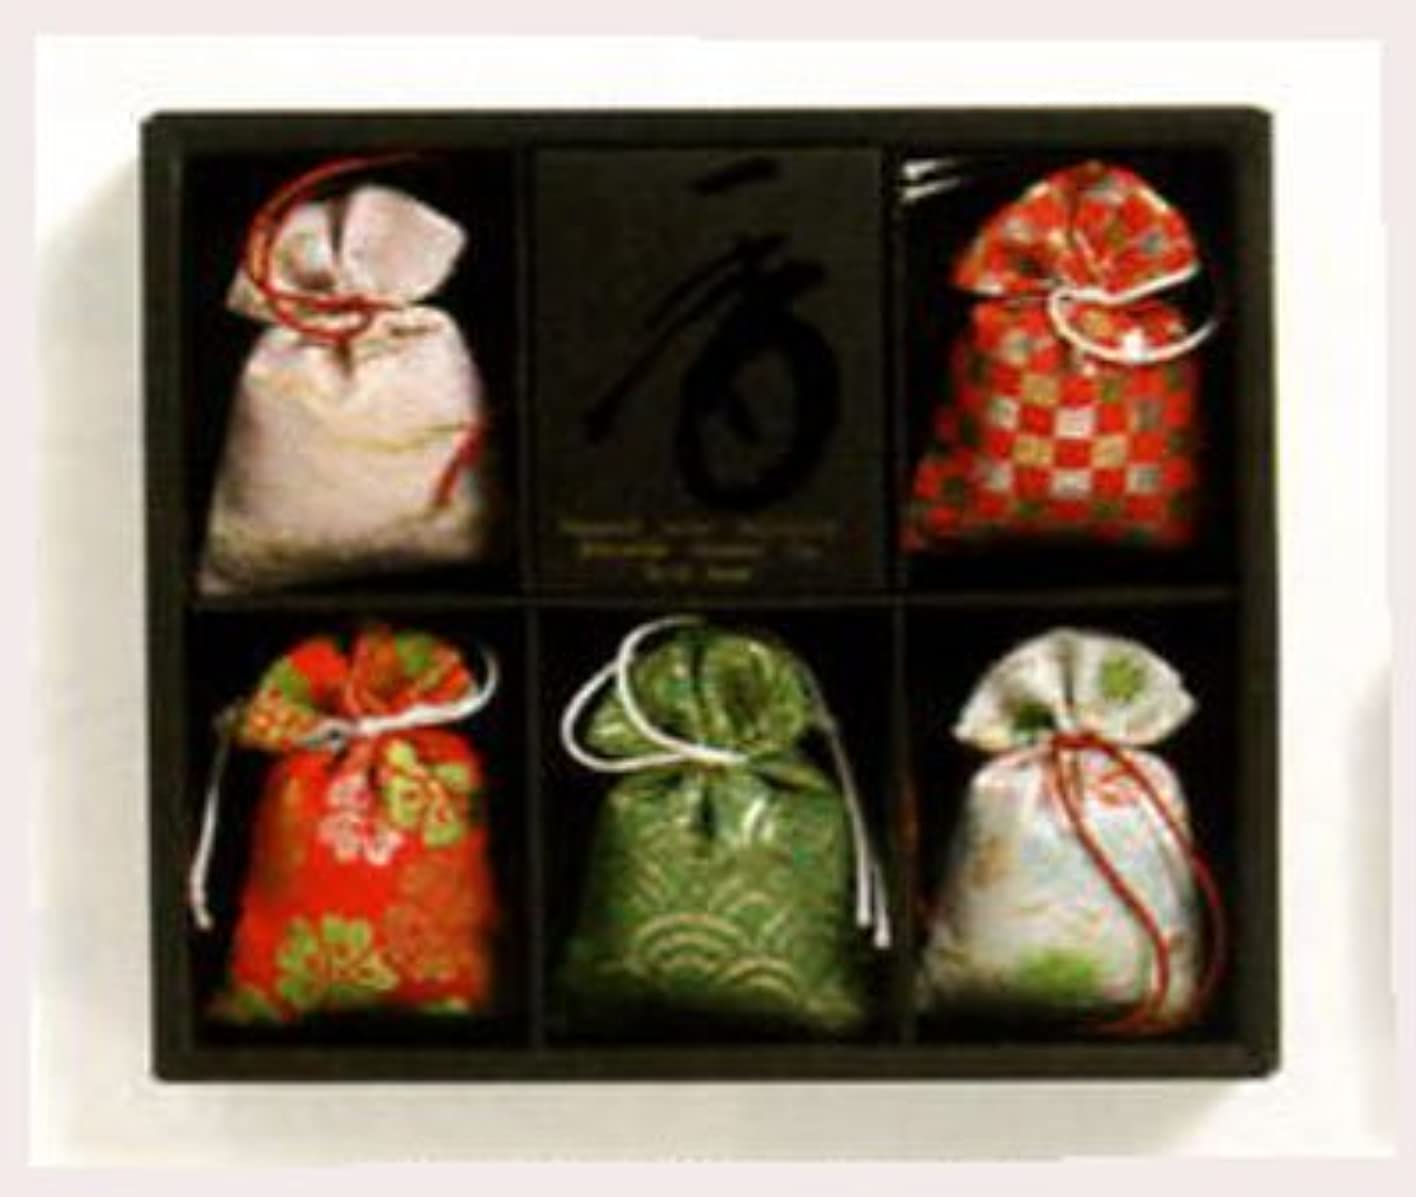 恐ろしいです不毛の意気込み匂い袋を贈り物にどうぞ 「匂い袋ギフト 誰が袖 極品5個入」